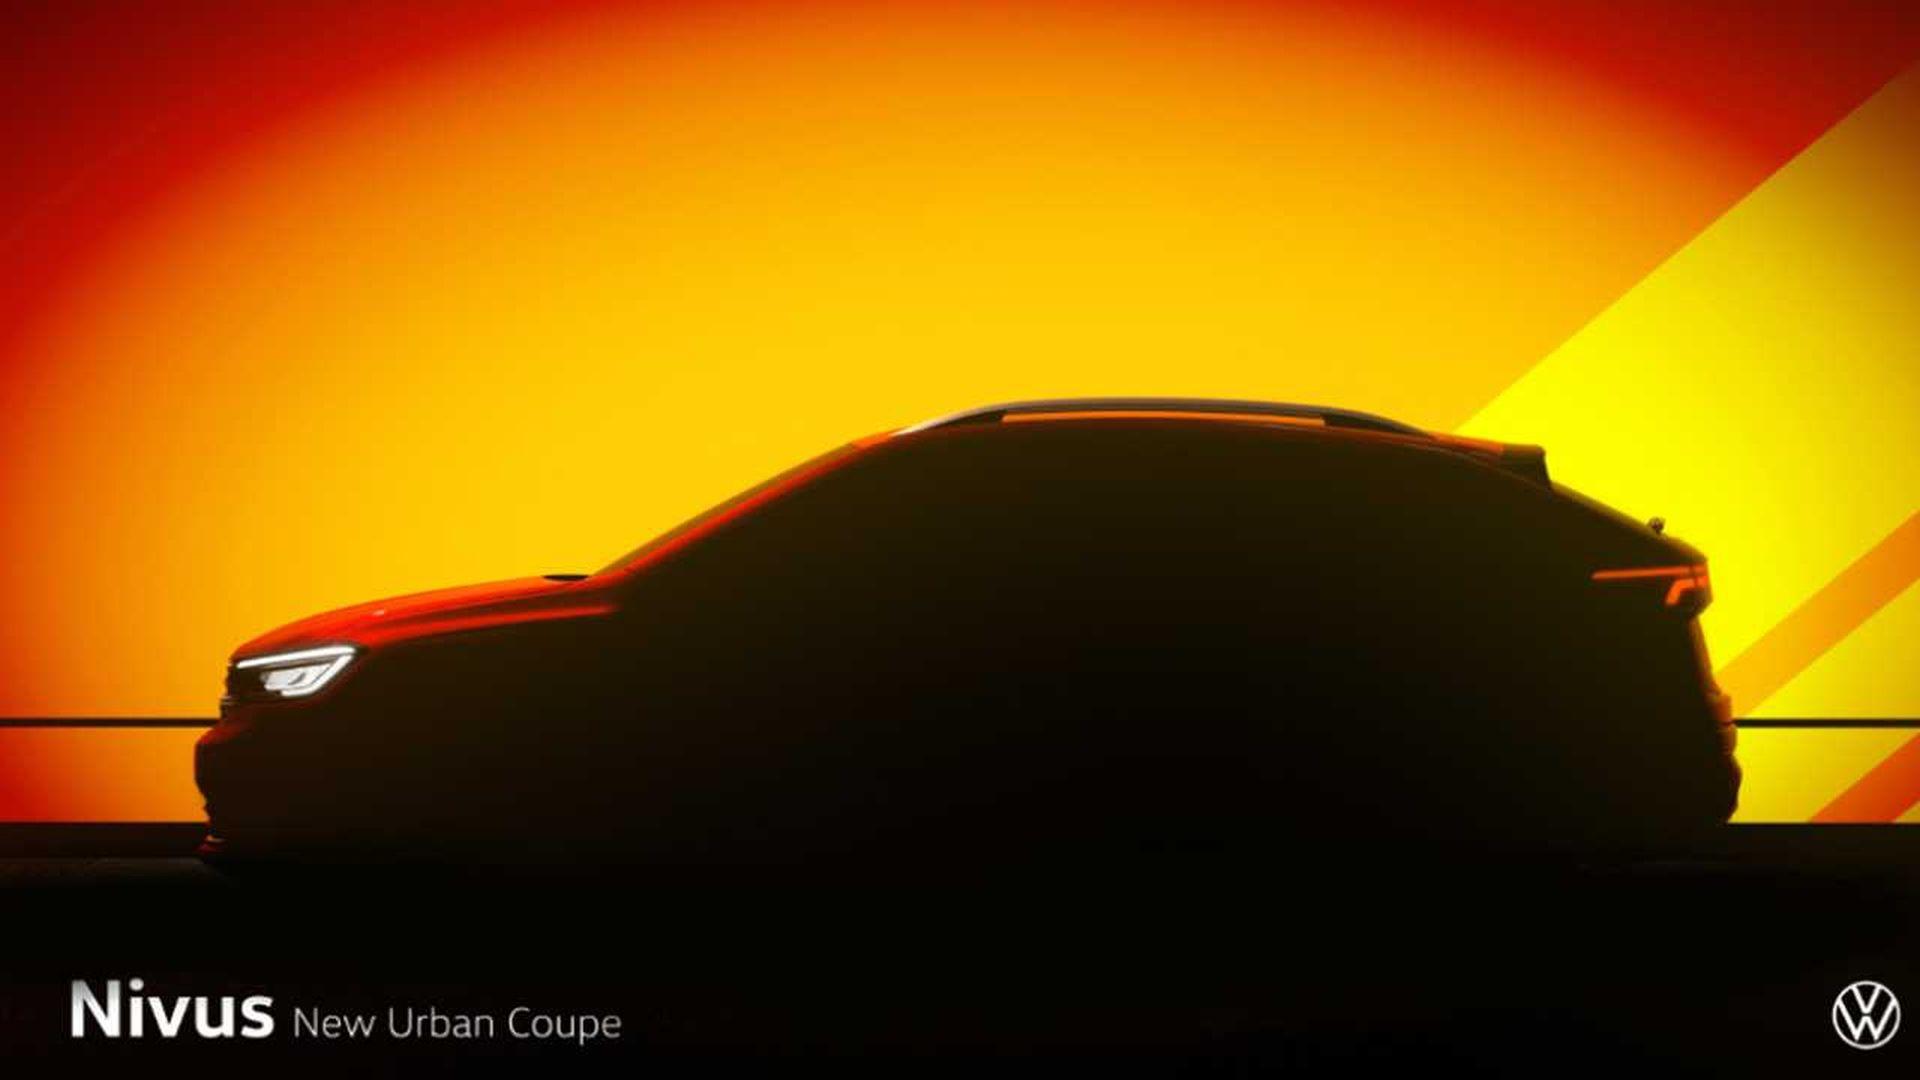 Uskoro dolazi gradski coupe SUV iz Volkswagena temeljen na T-Crossu